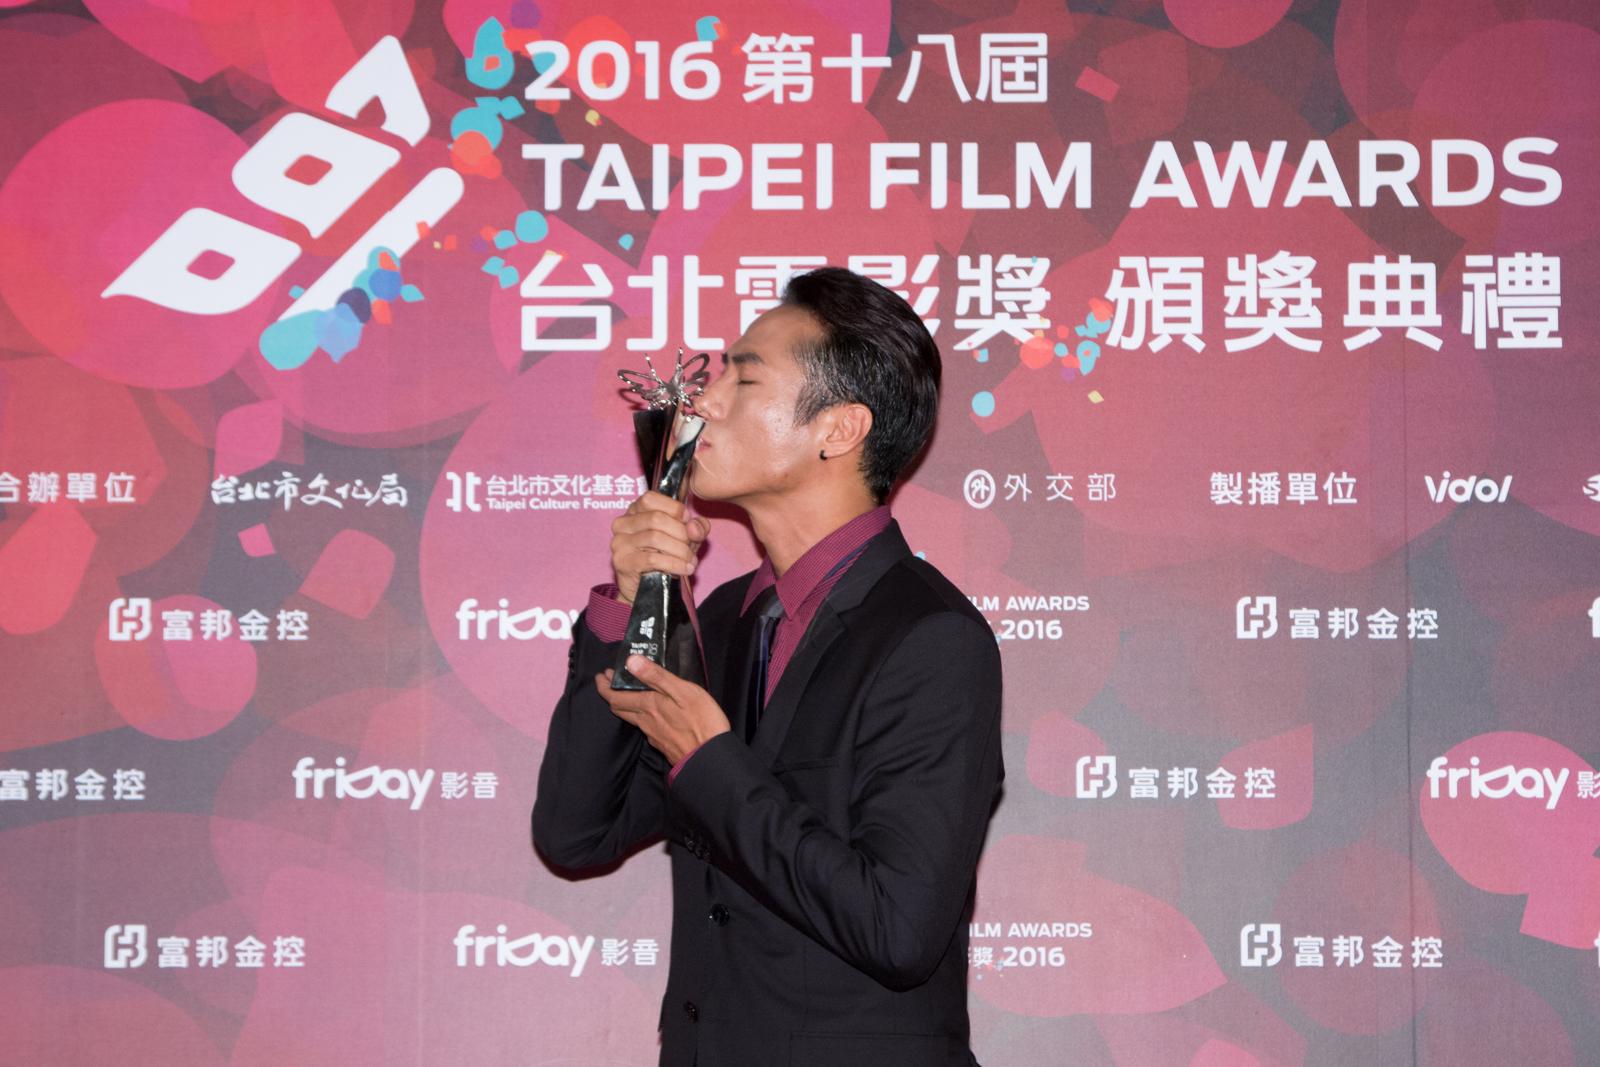 キャッシュ(台北映画祭提供)